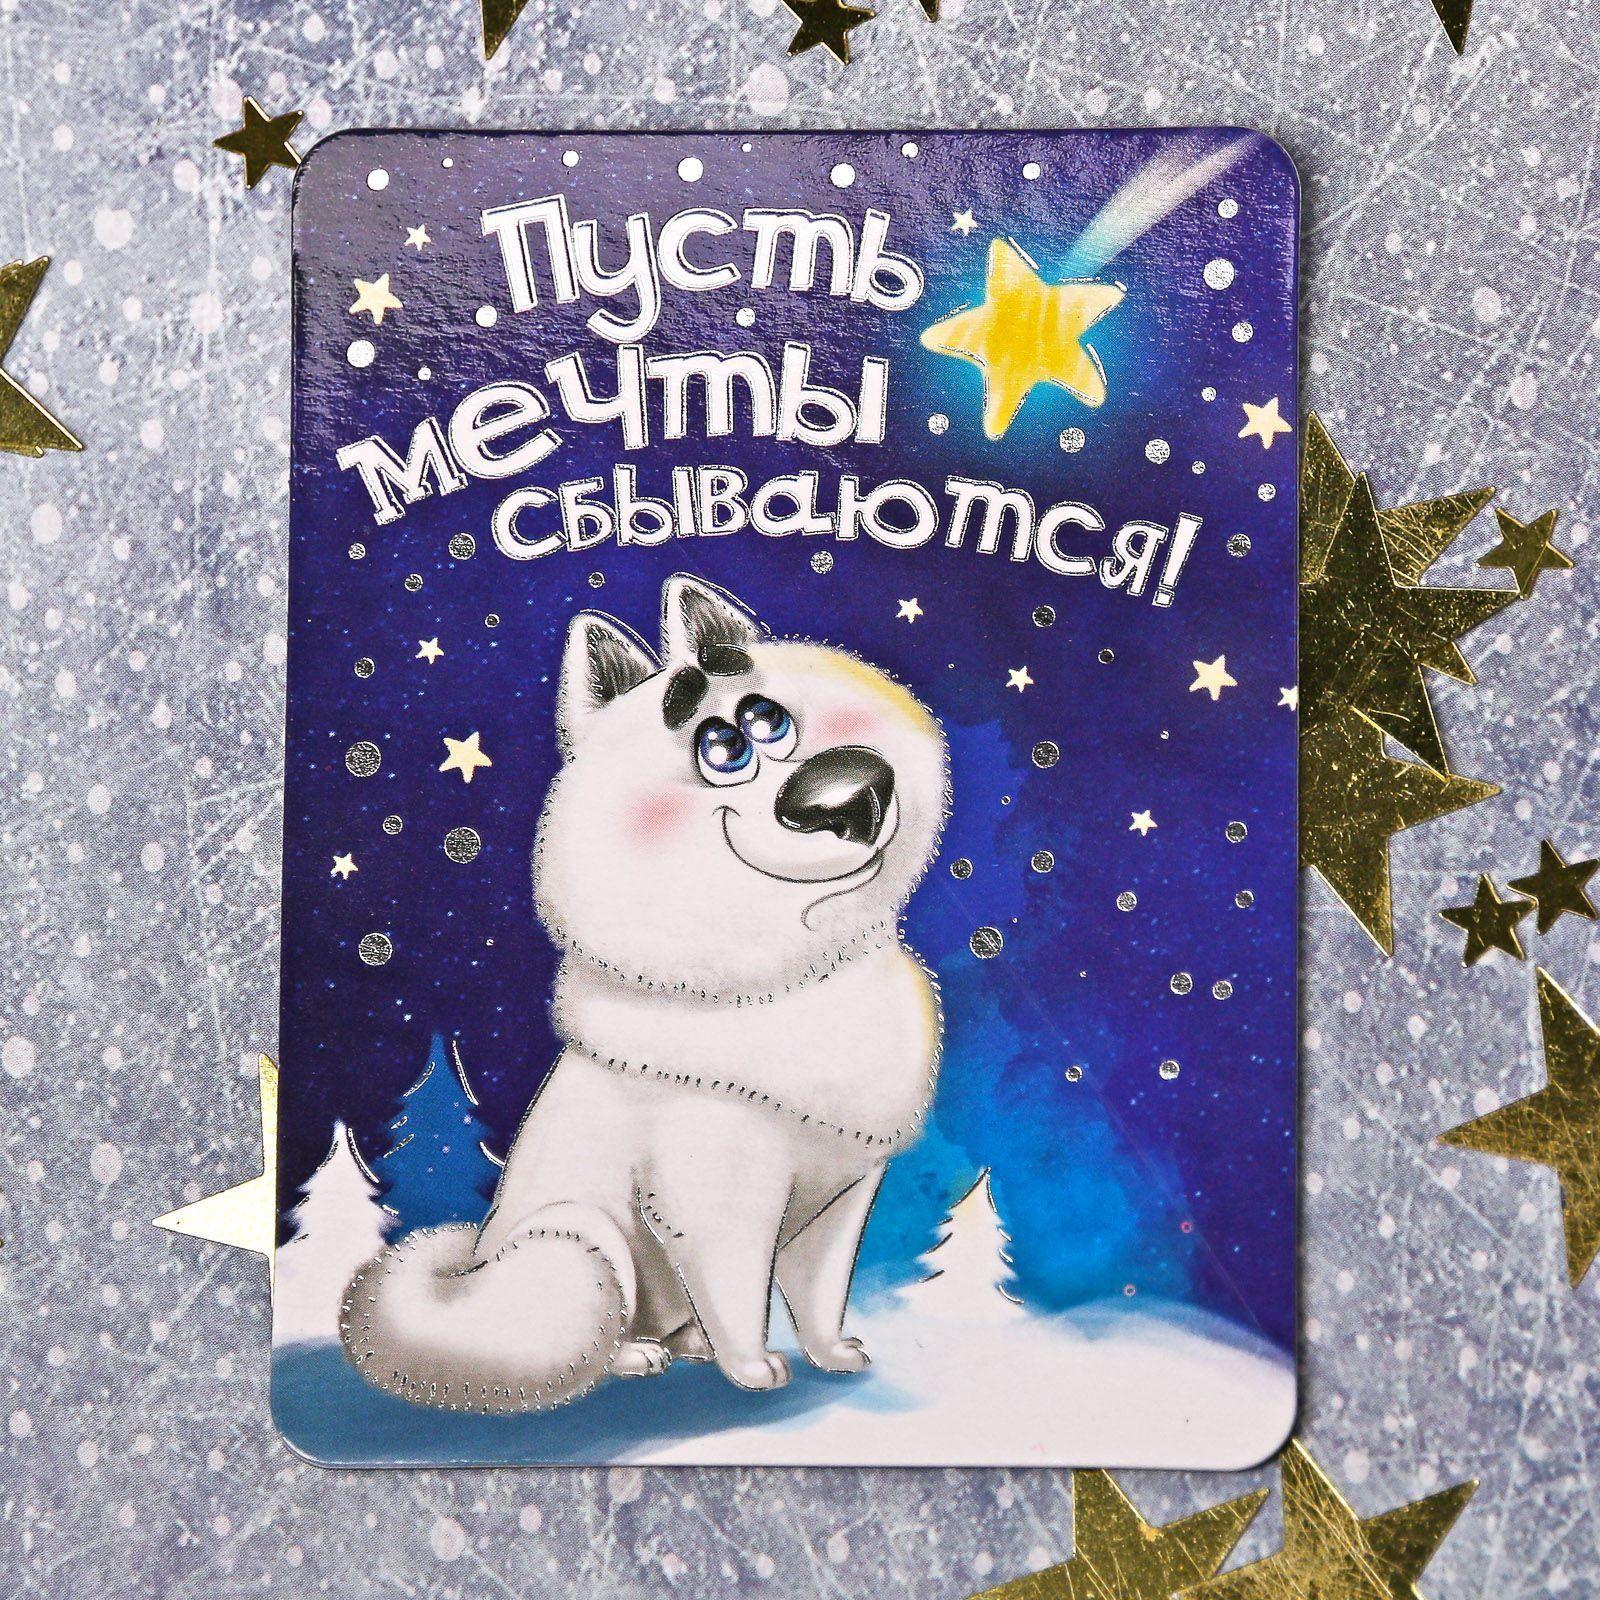 Магнит Sima-land Пусть мечты сбываются, 6 х 8 см1894041Порадуйте родных и близких оригинальным сувениром: преподнесите в подарок магнит. С ним даже самый серьёзный человек почувствует себя ребёнком, ожидающим чудо! Создайте праздничное настроение, и оно останется с вами на весь год.